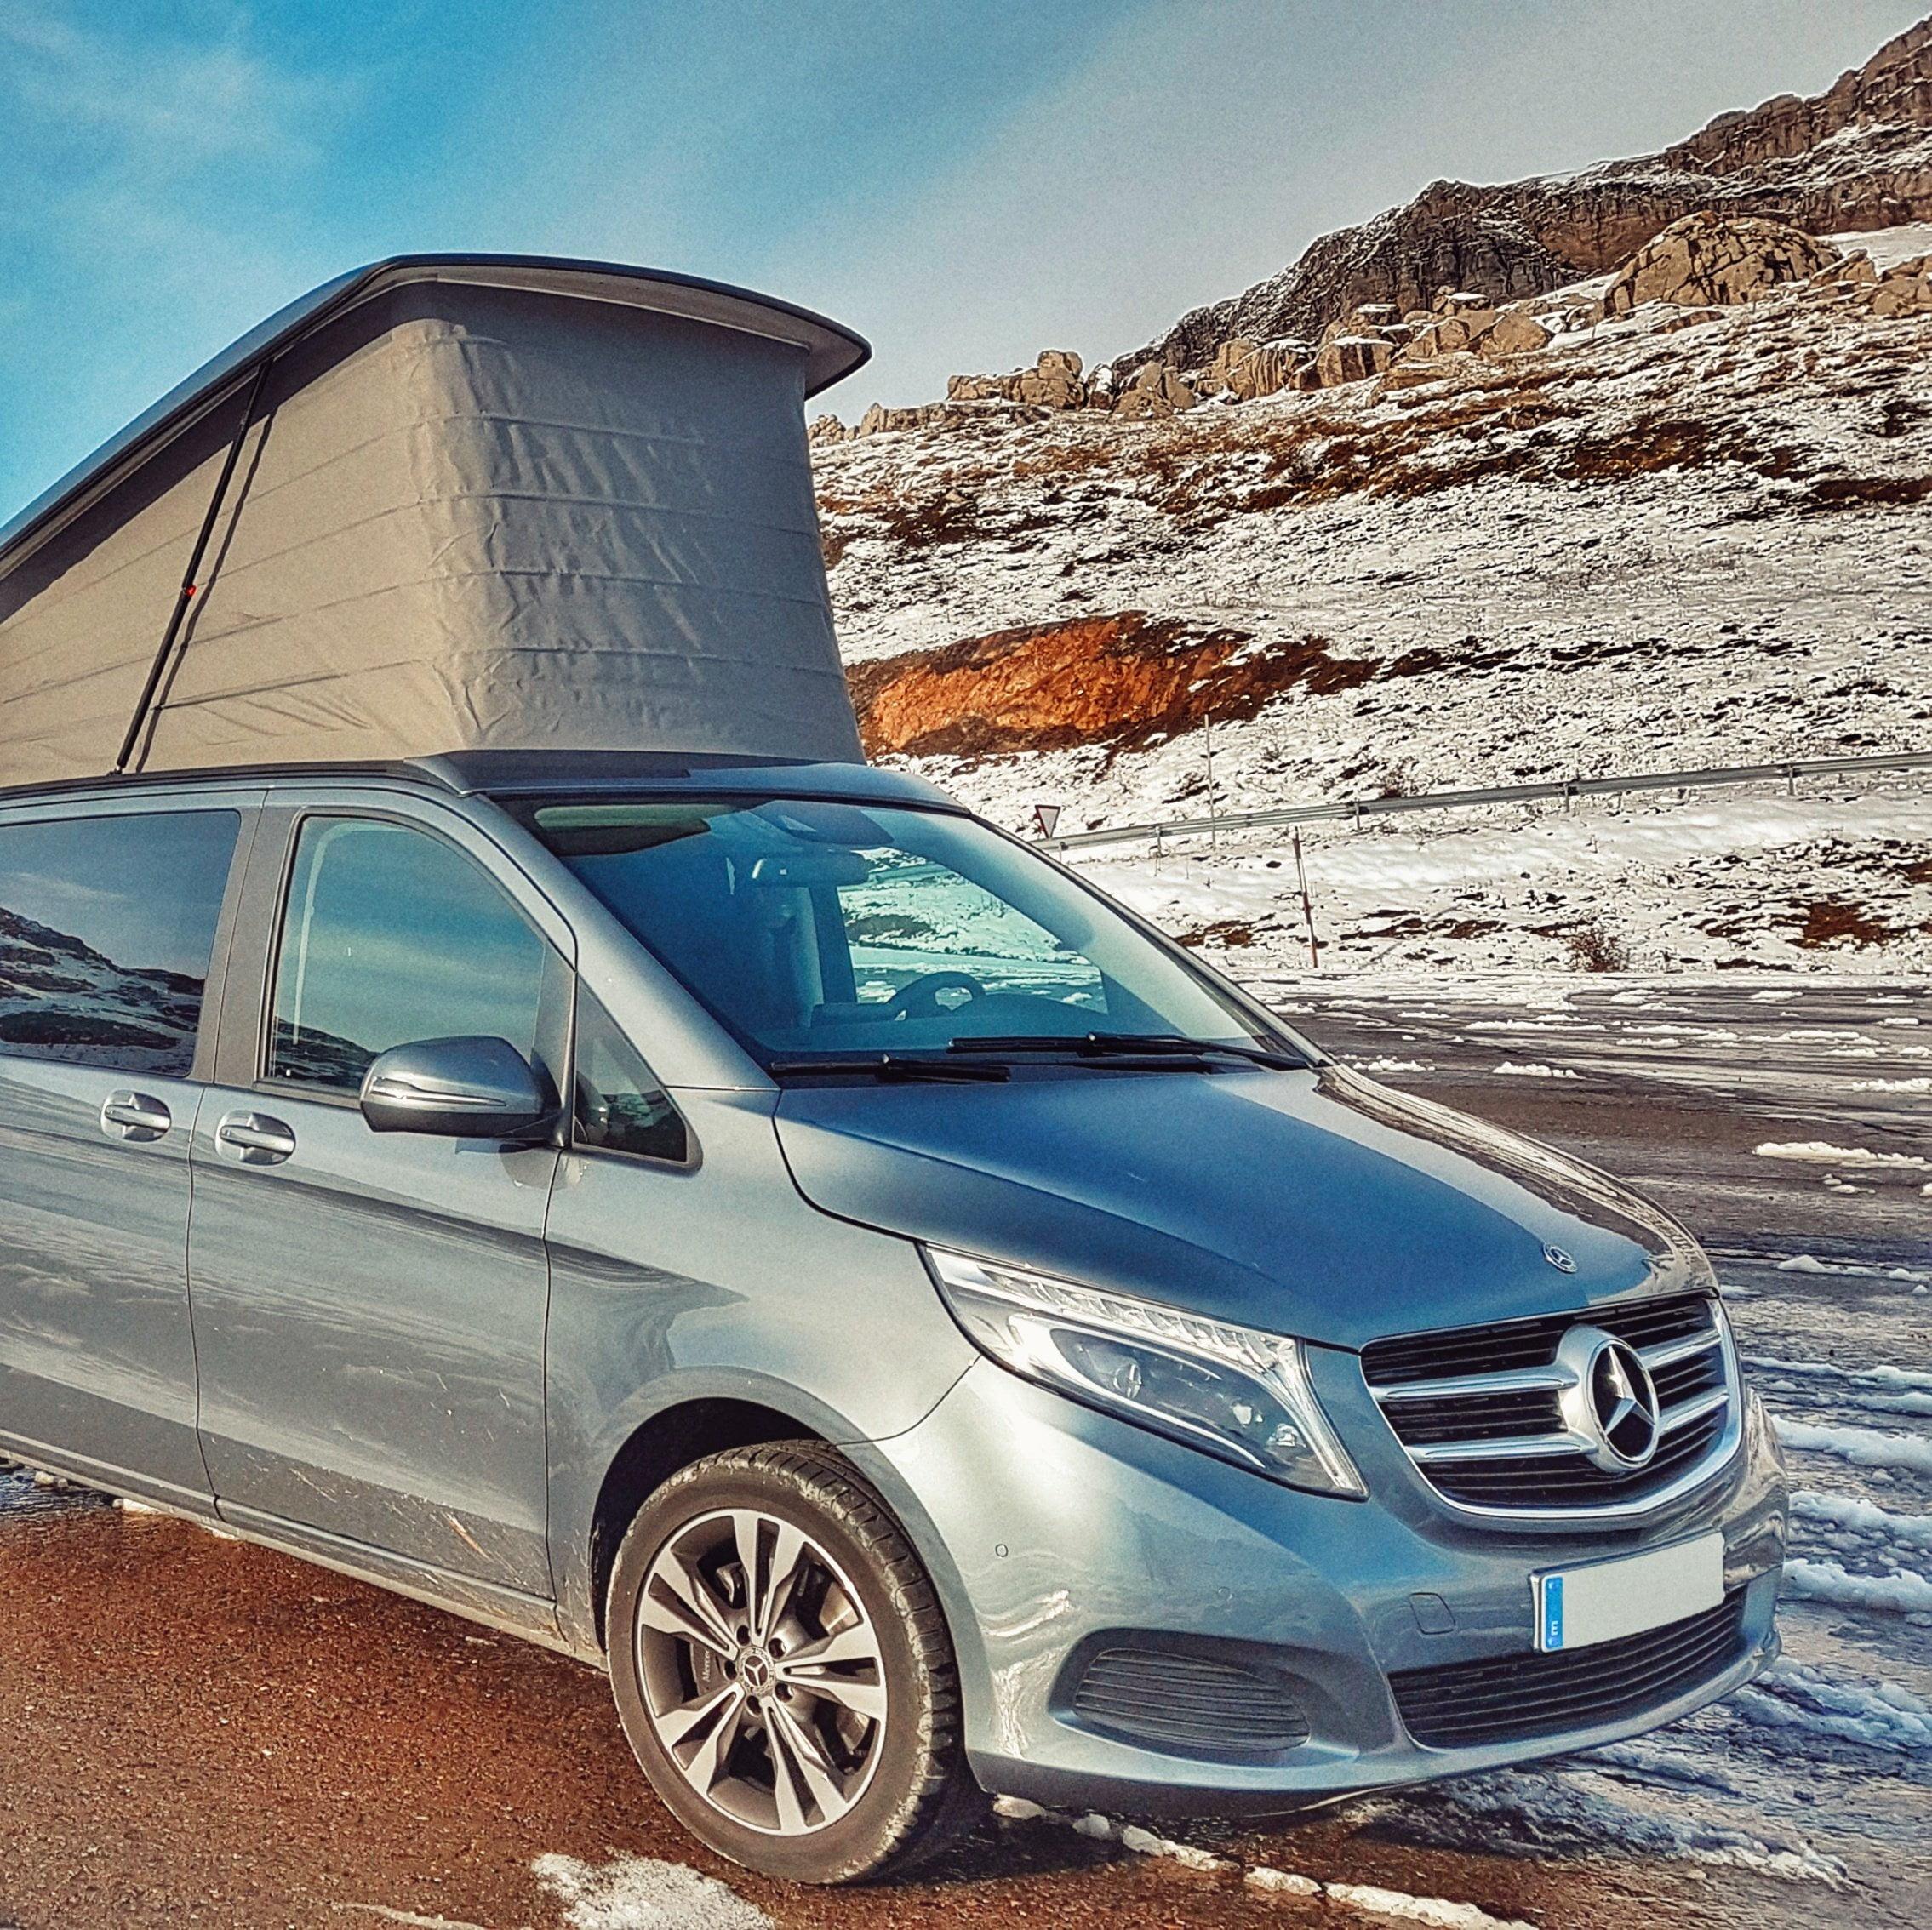 Markolik por Huesca en furgoneta camper